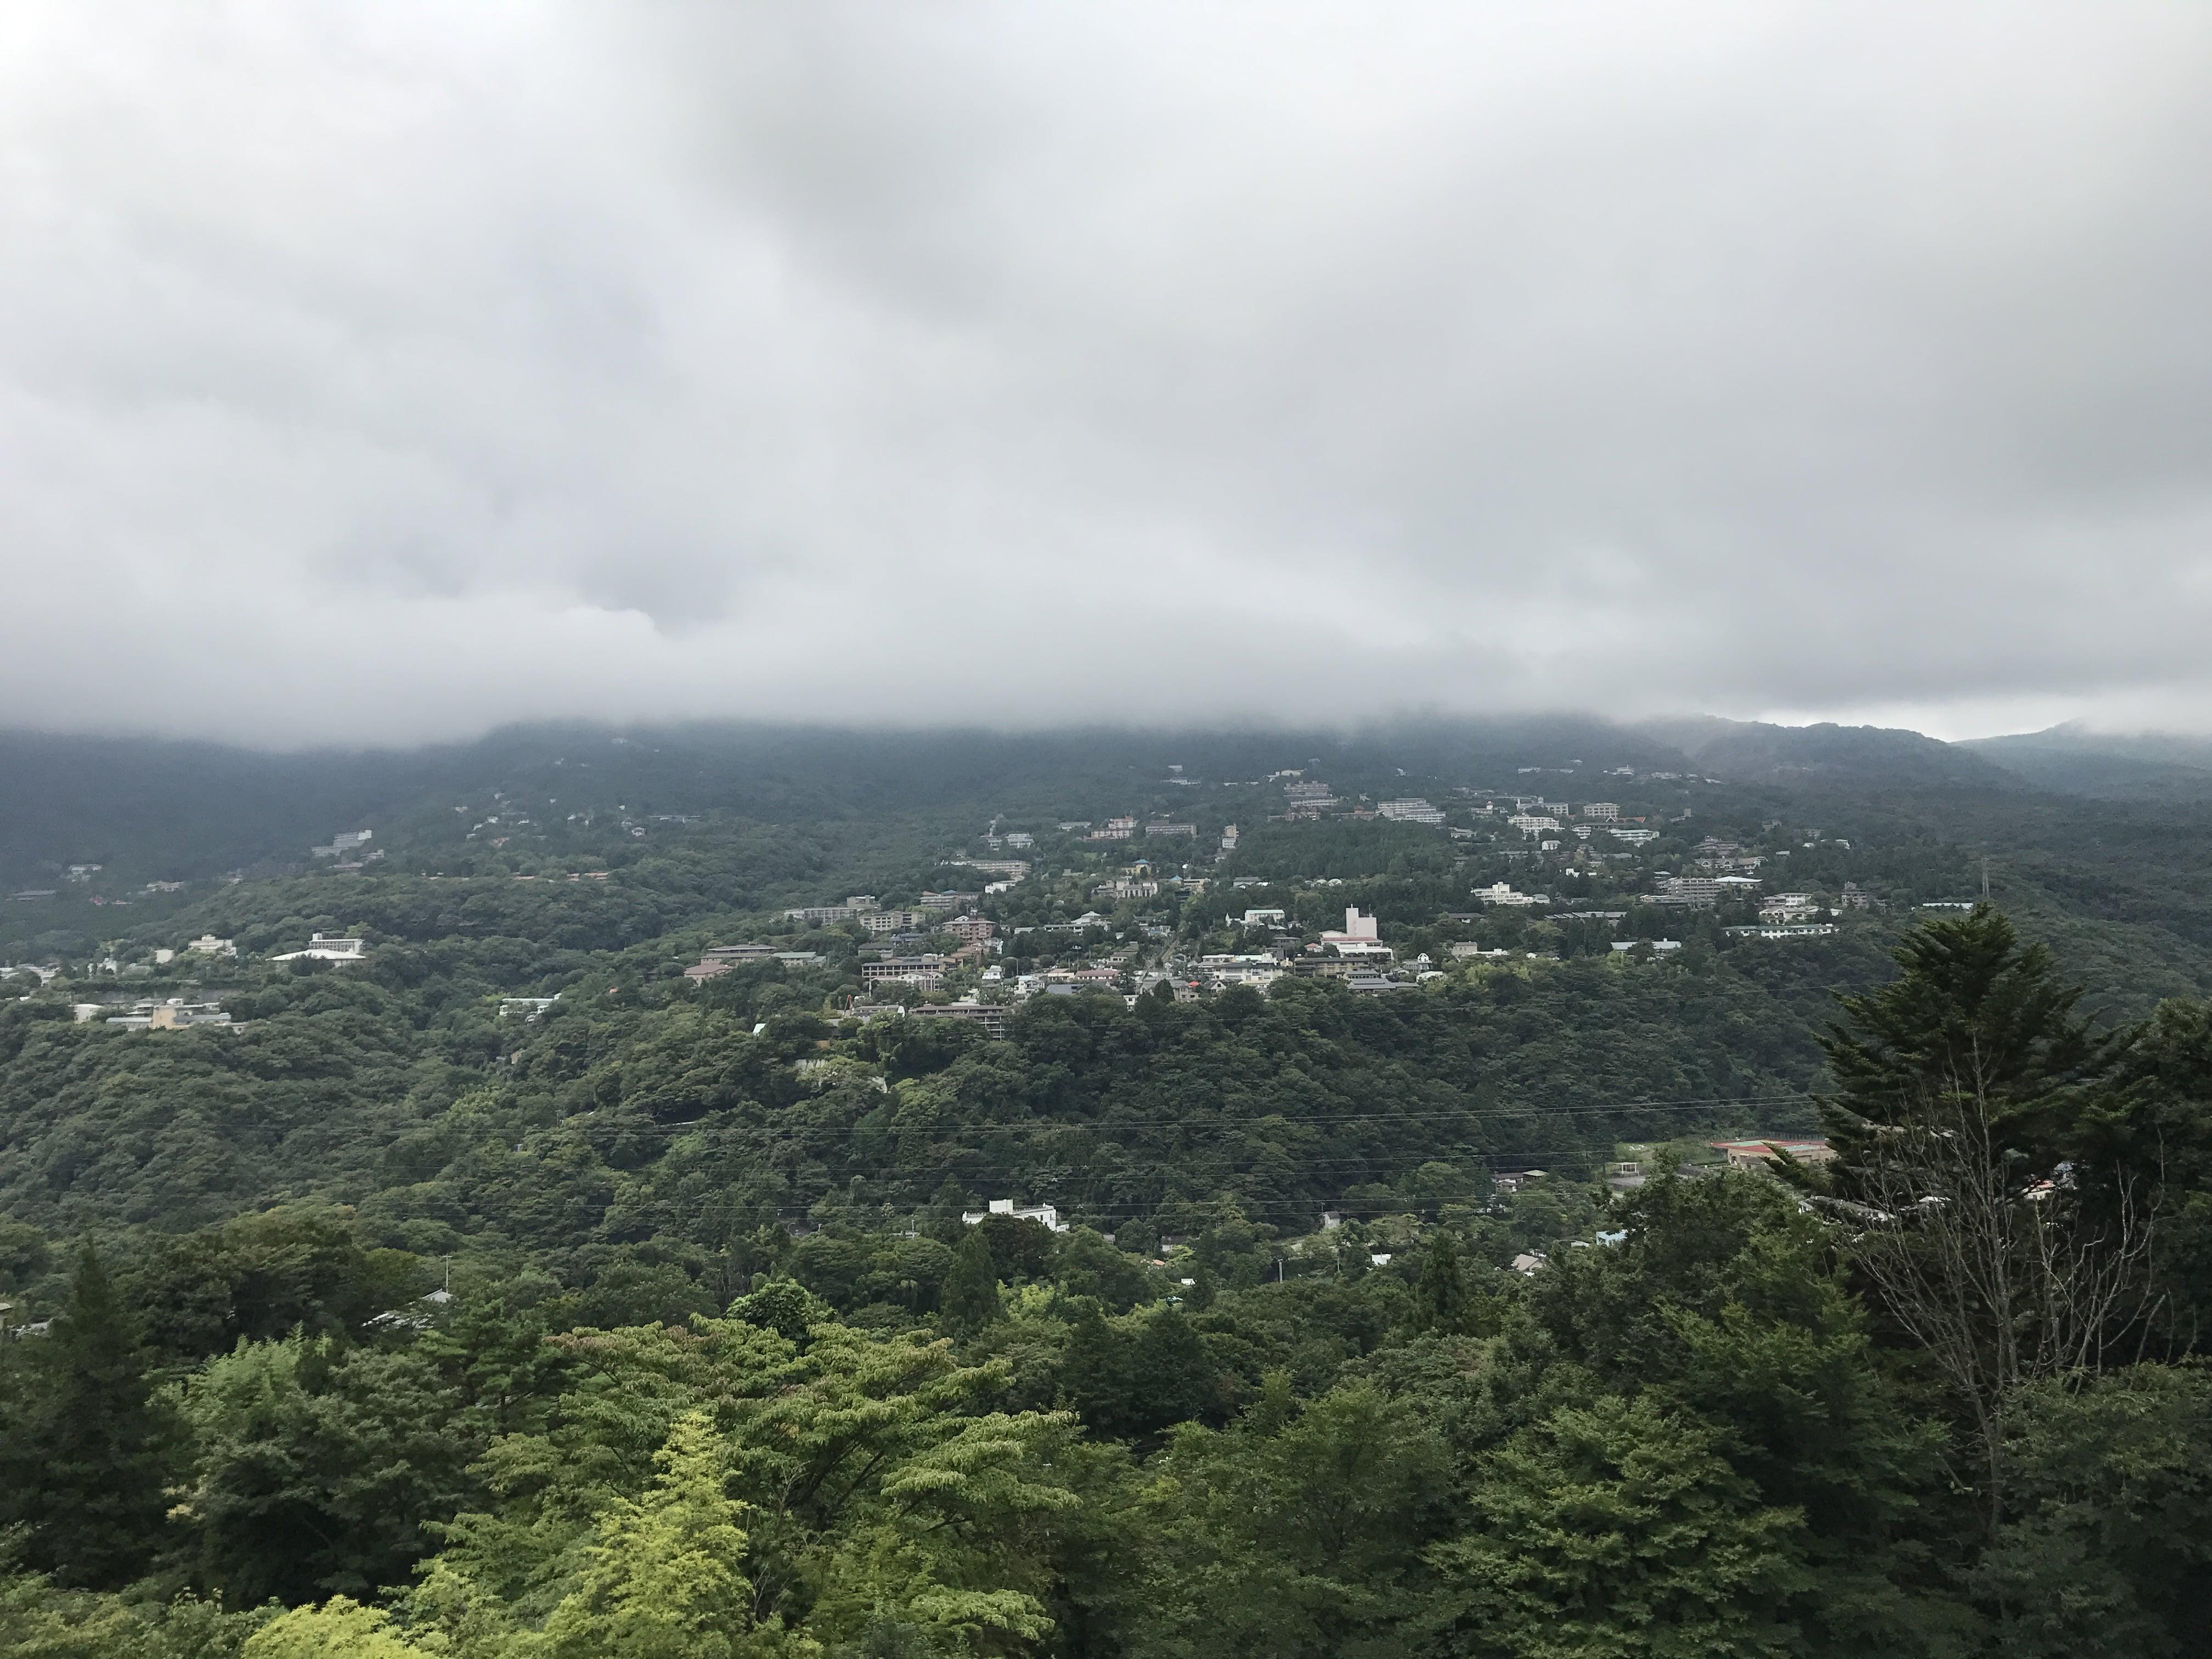 強羅の高台から撮った風景